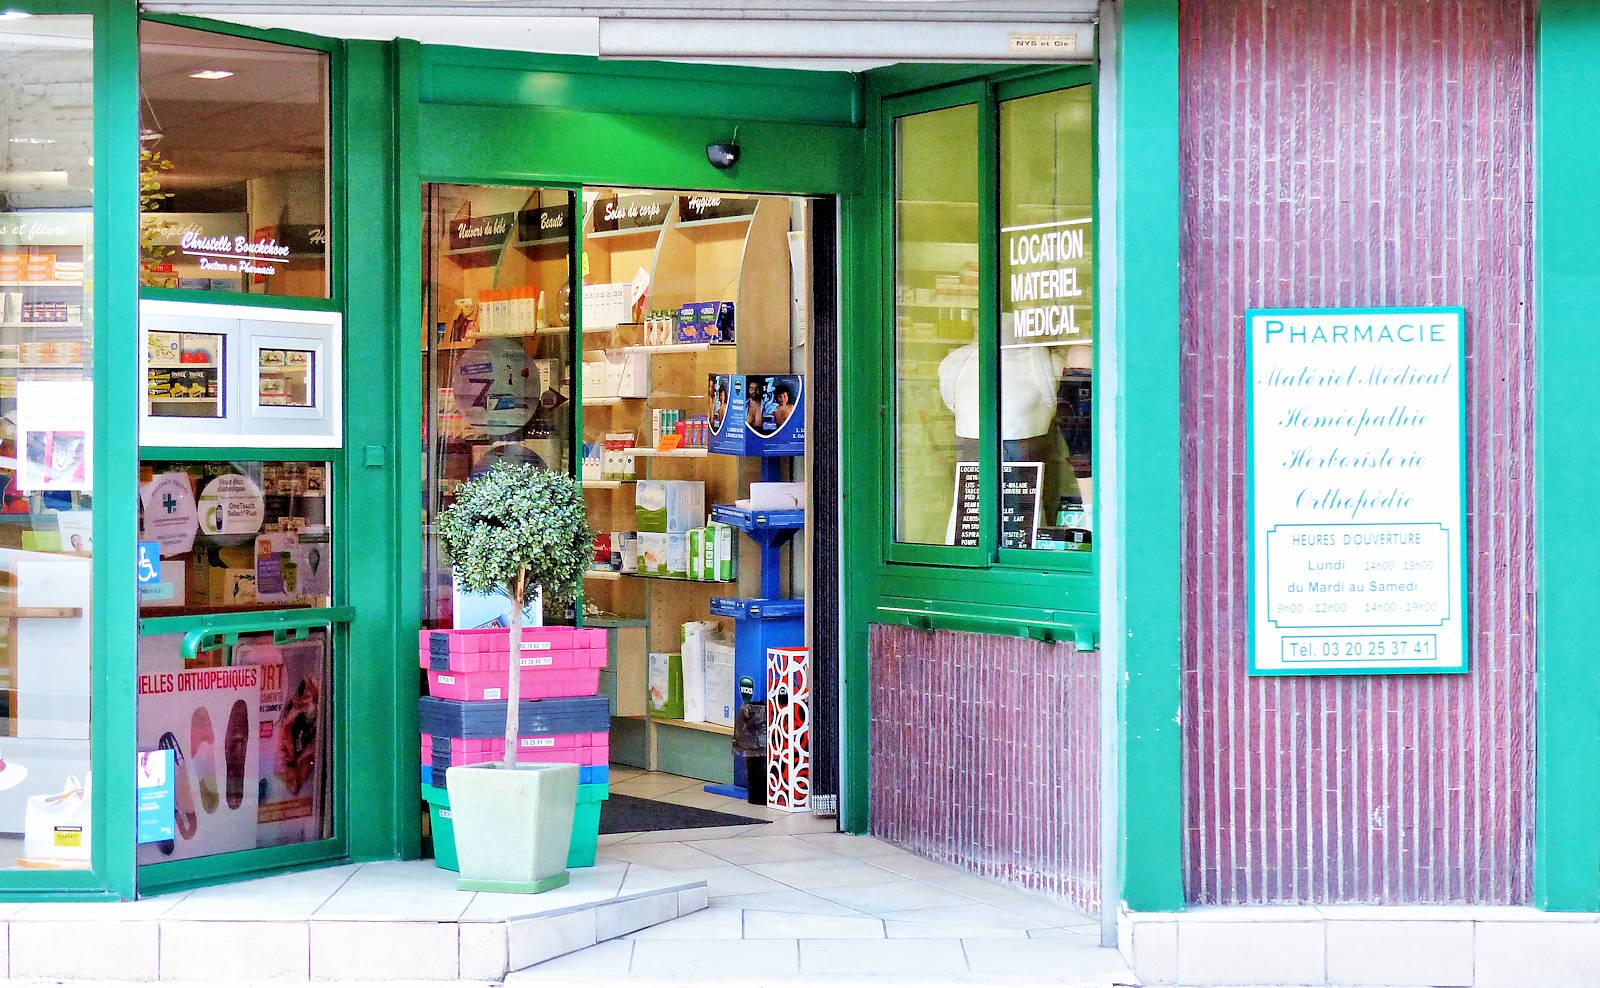 Pharmacie Bouckehove, Tourcoing - Entrée